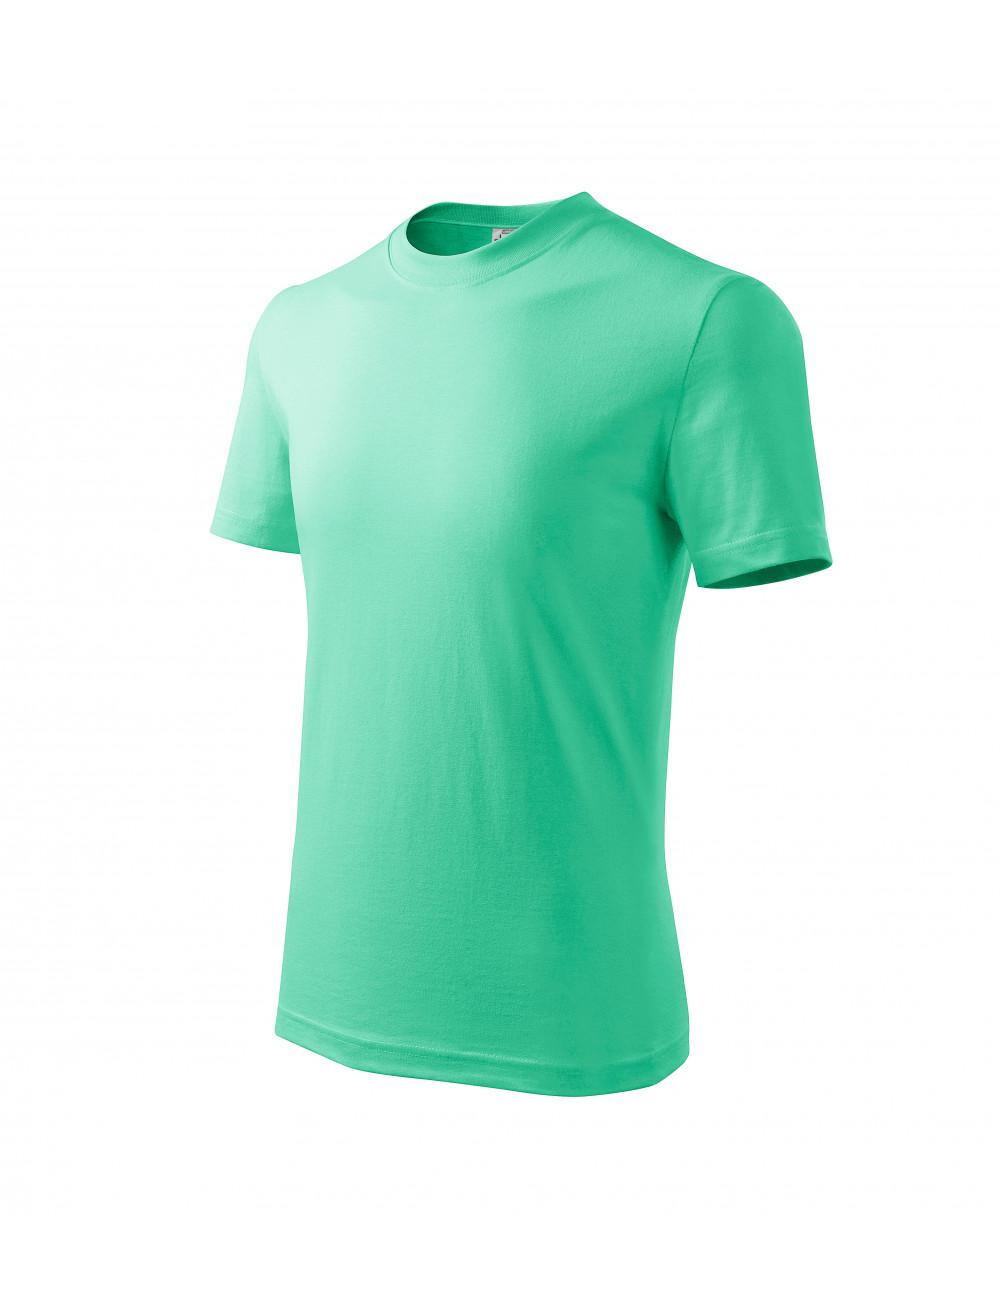 Adler MALFINI Koszulka dziecięca Basic 138 miętowy